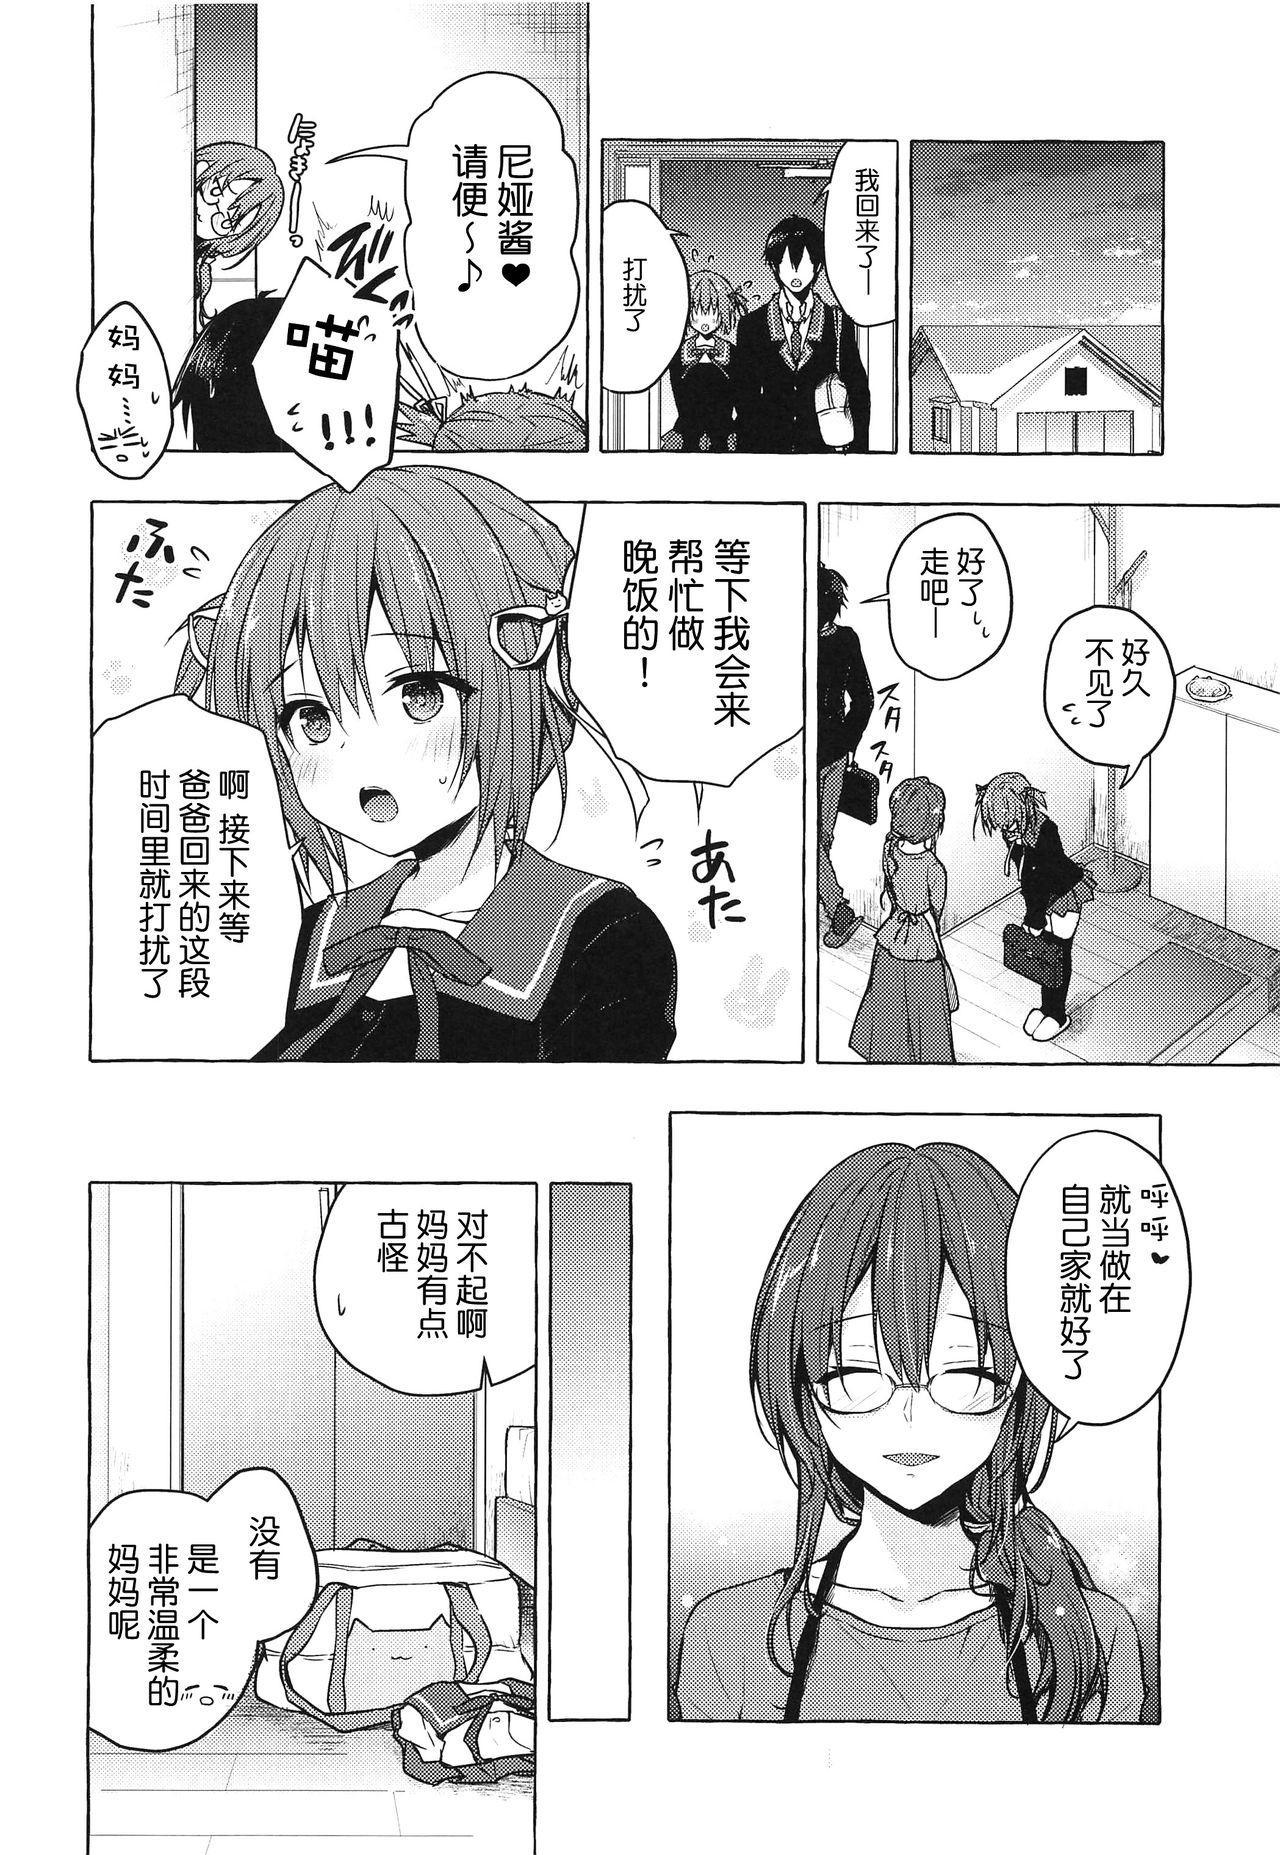 (COMIC1☆15) [KINOKONOMI (konomi)] Nyancology 8 -Otomari ni Kita Nekoda-san to no Himitsu- [Chinese] [路过的rlx个人练习汉化] 12